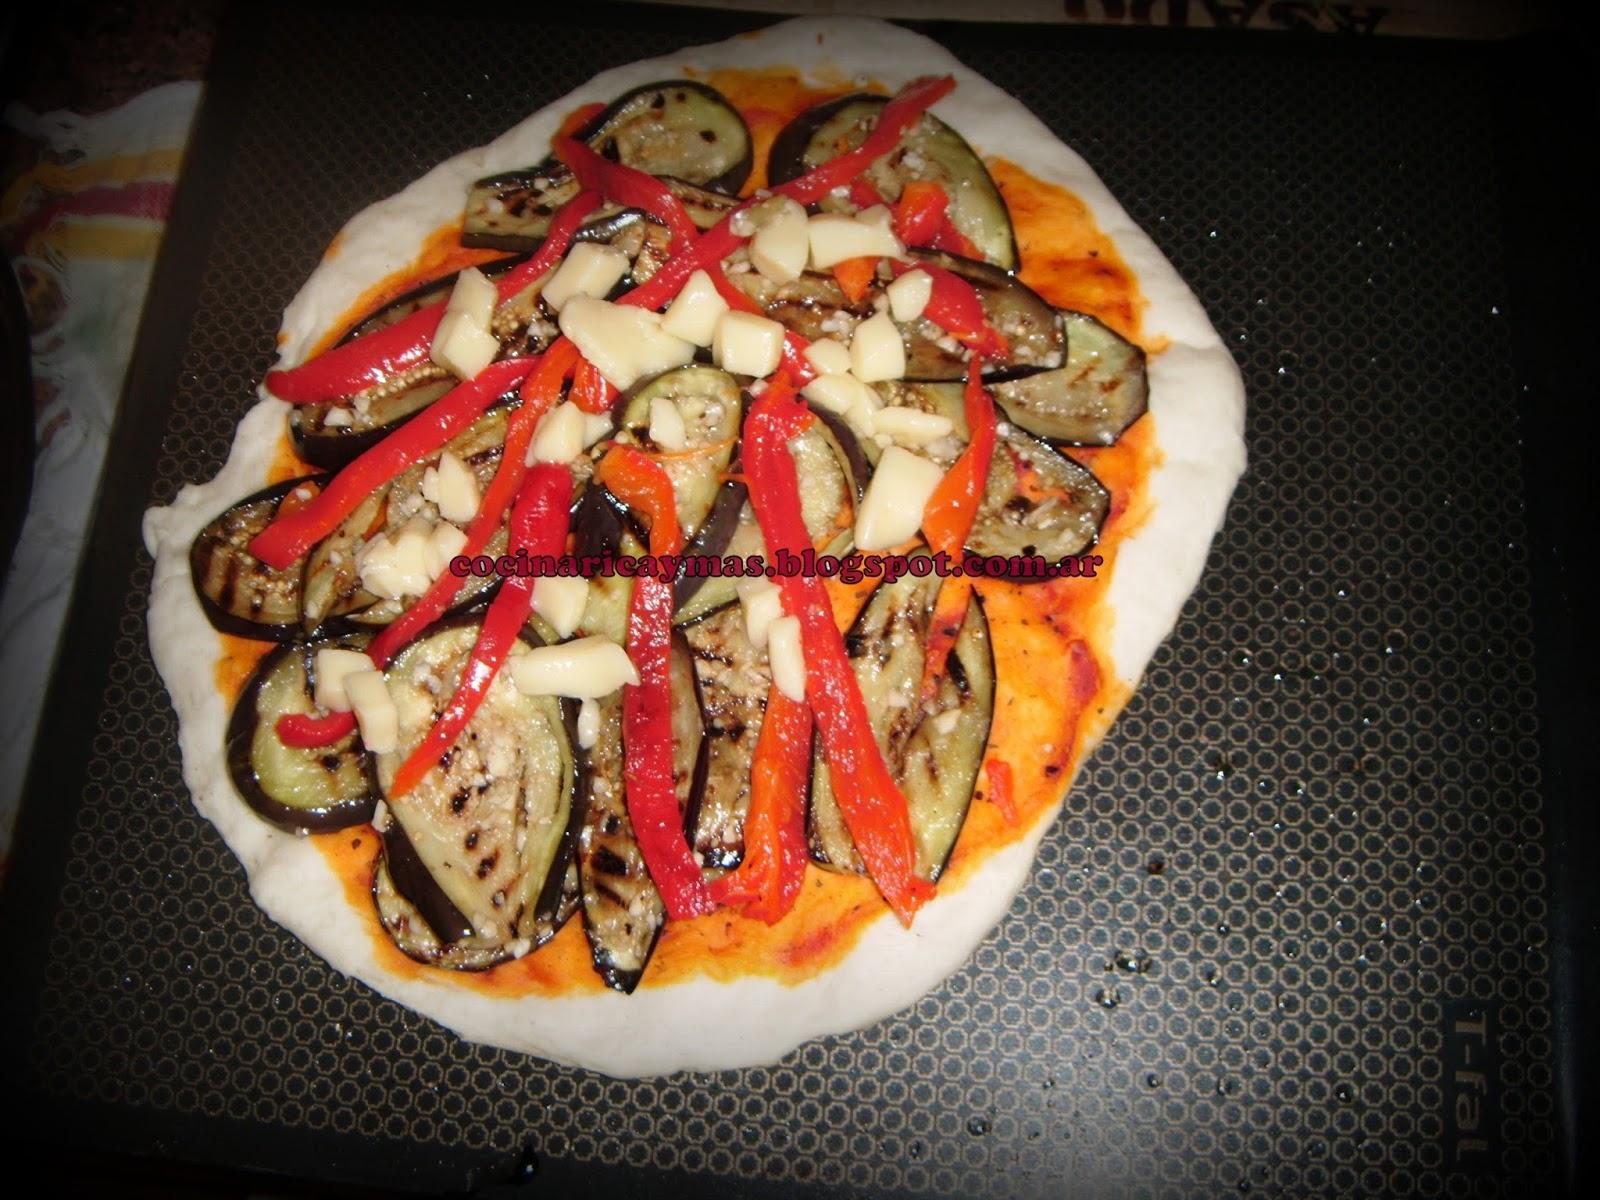 Cocina f cil y rica pizzas m pizza para todos for Cocina facil y rica